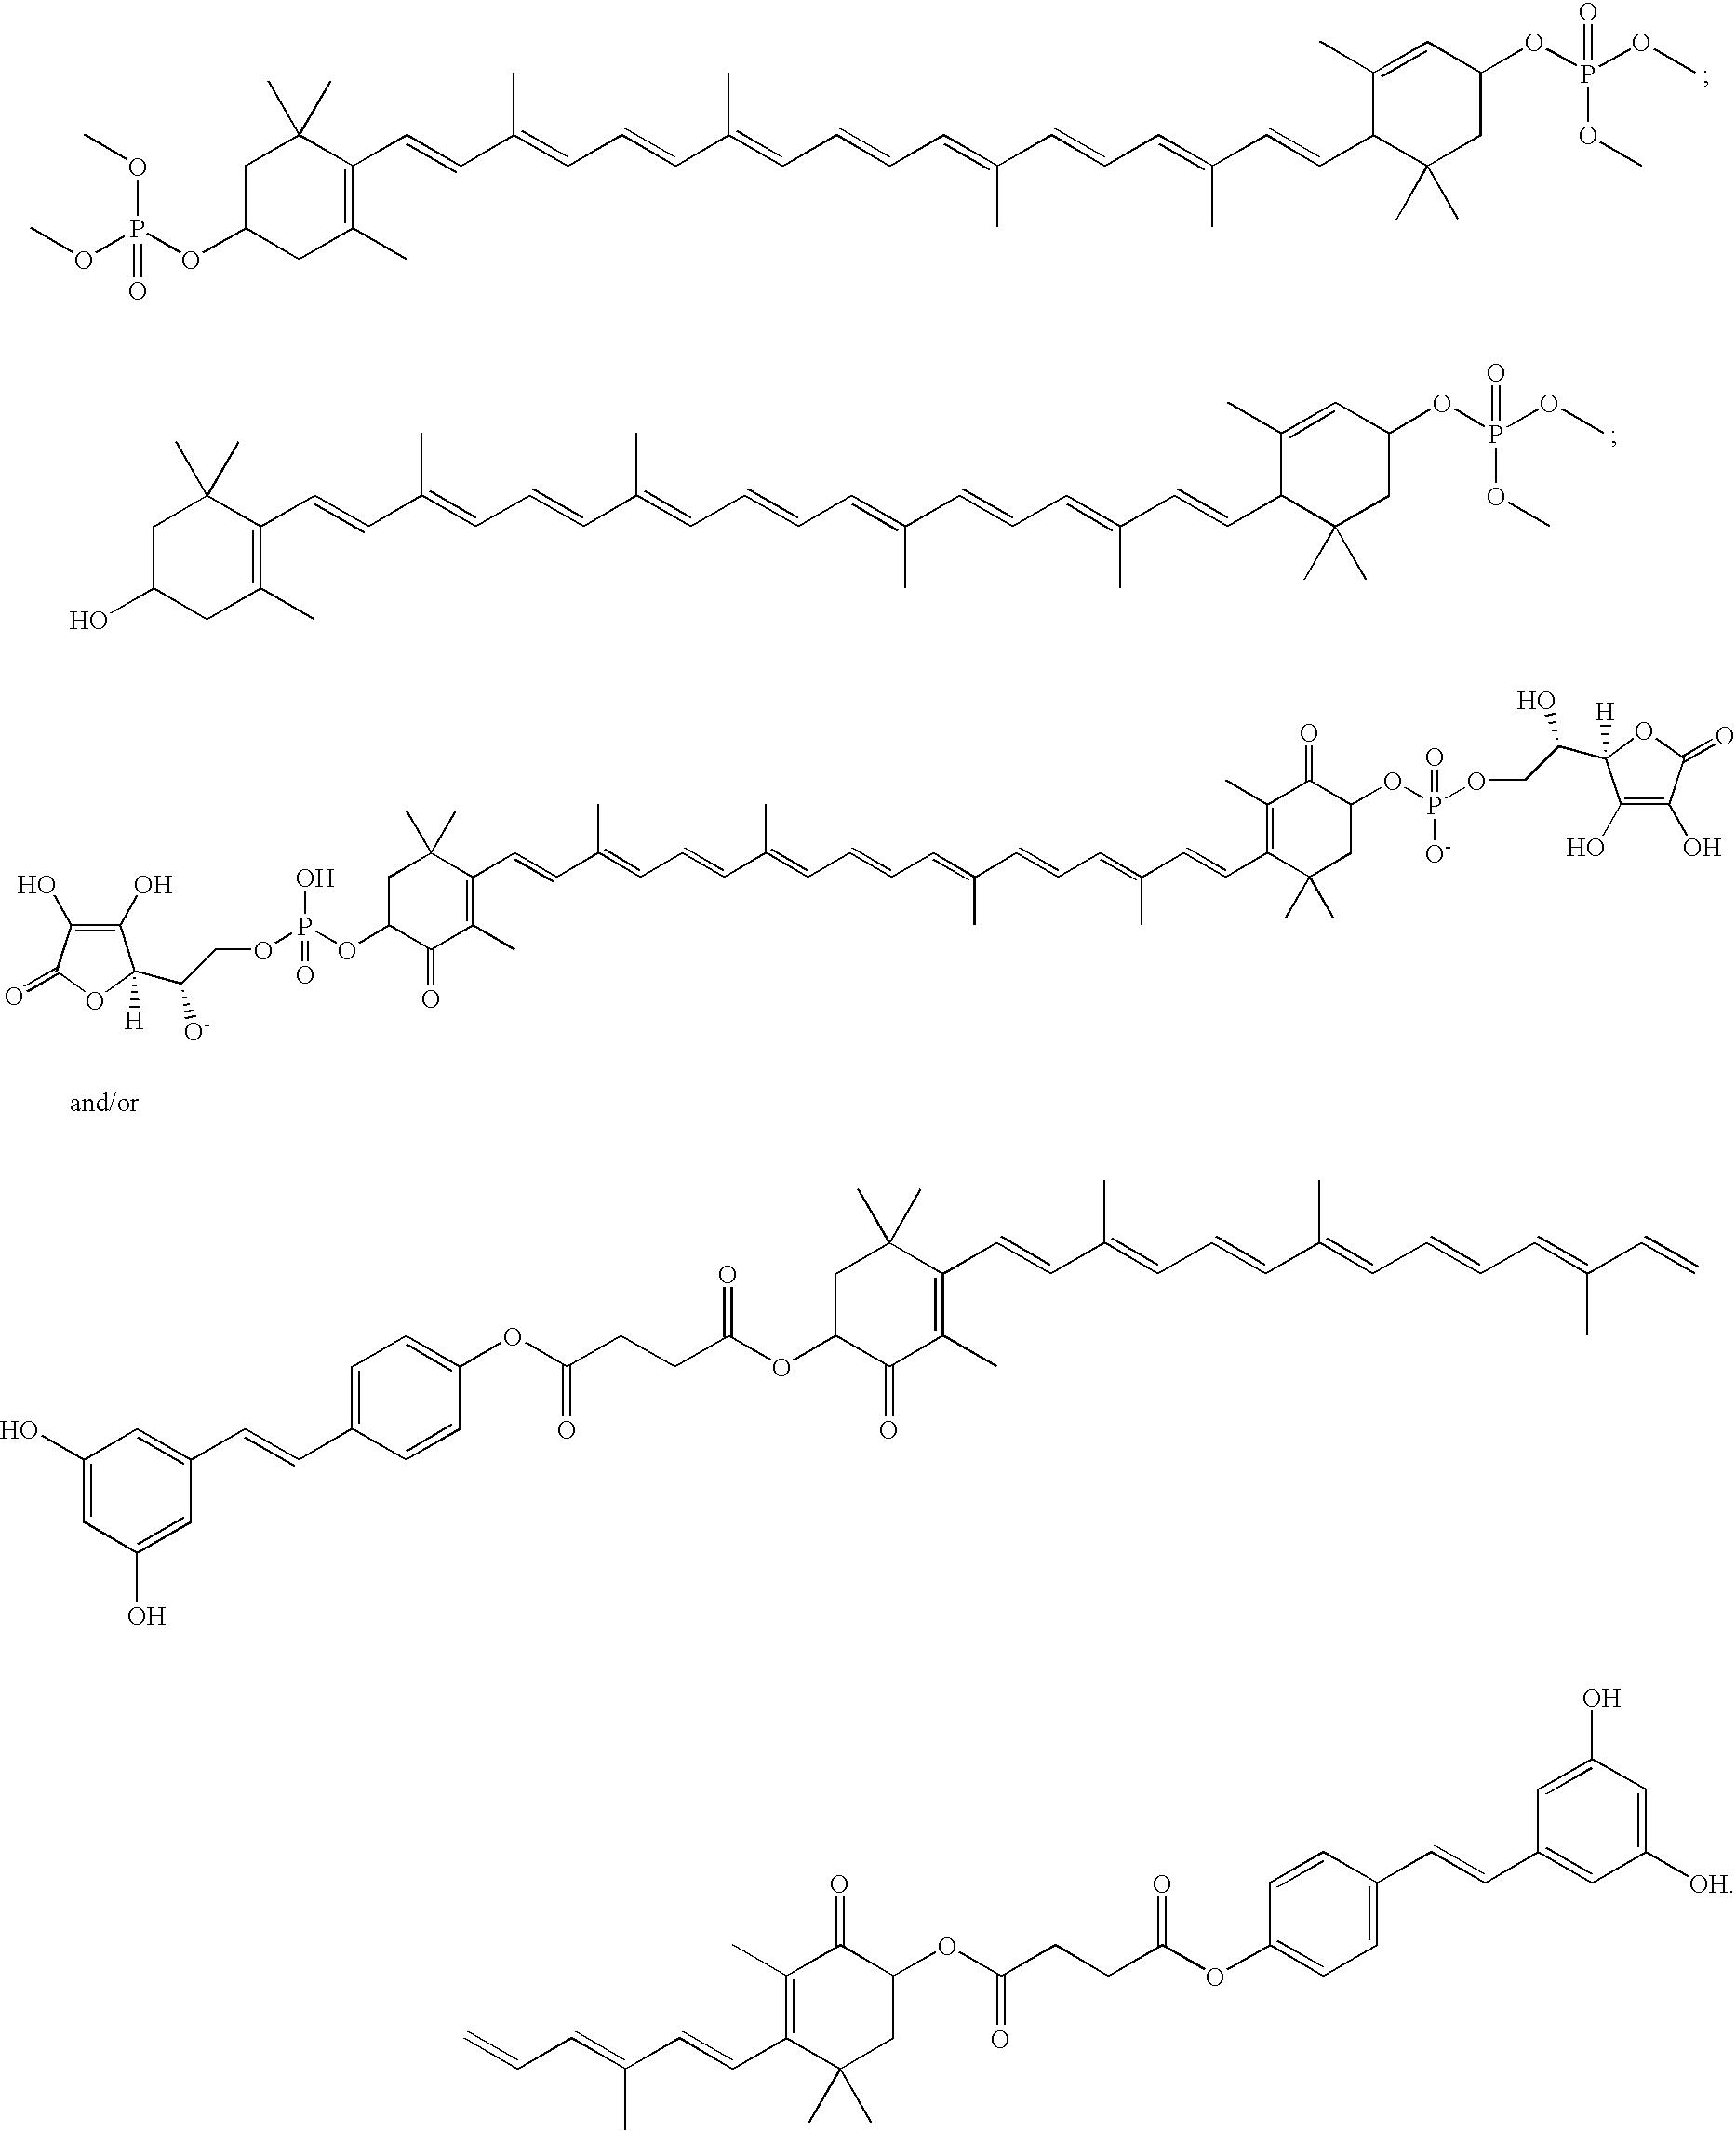 Figure US20050075337A1-20050407-C00053